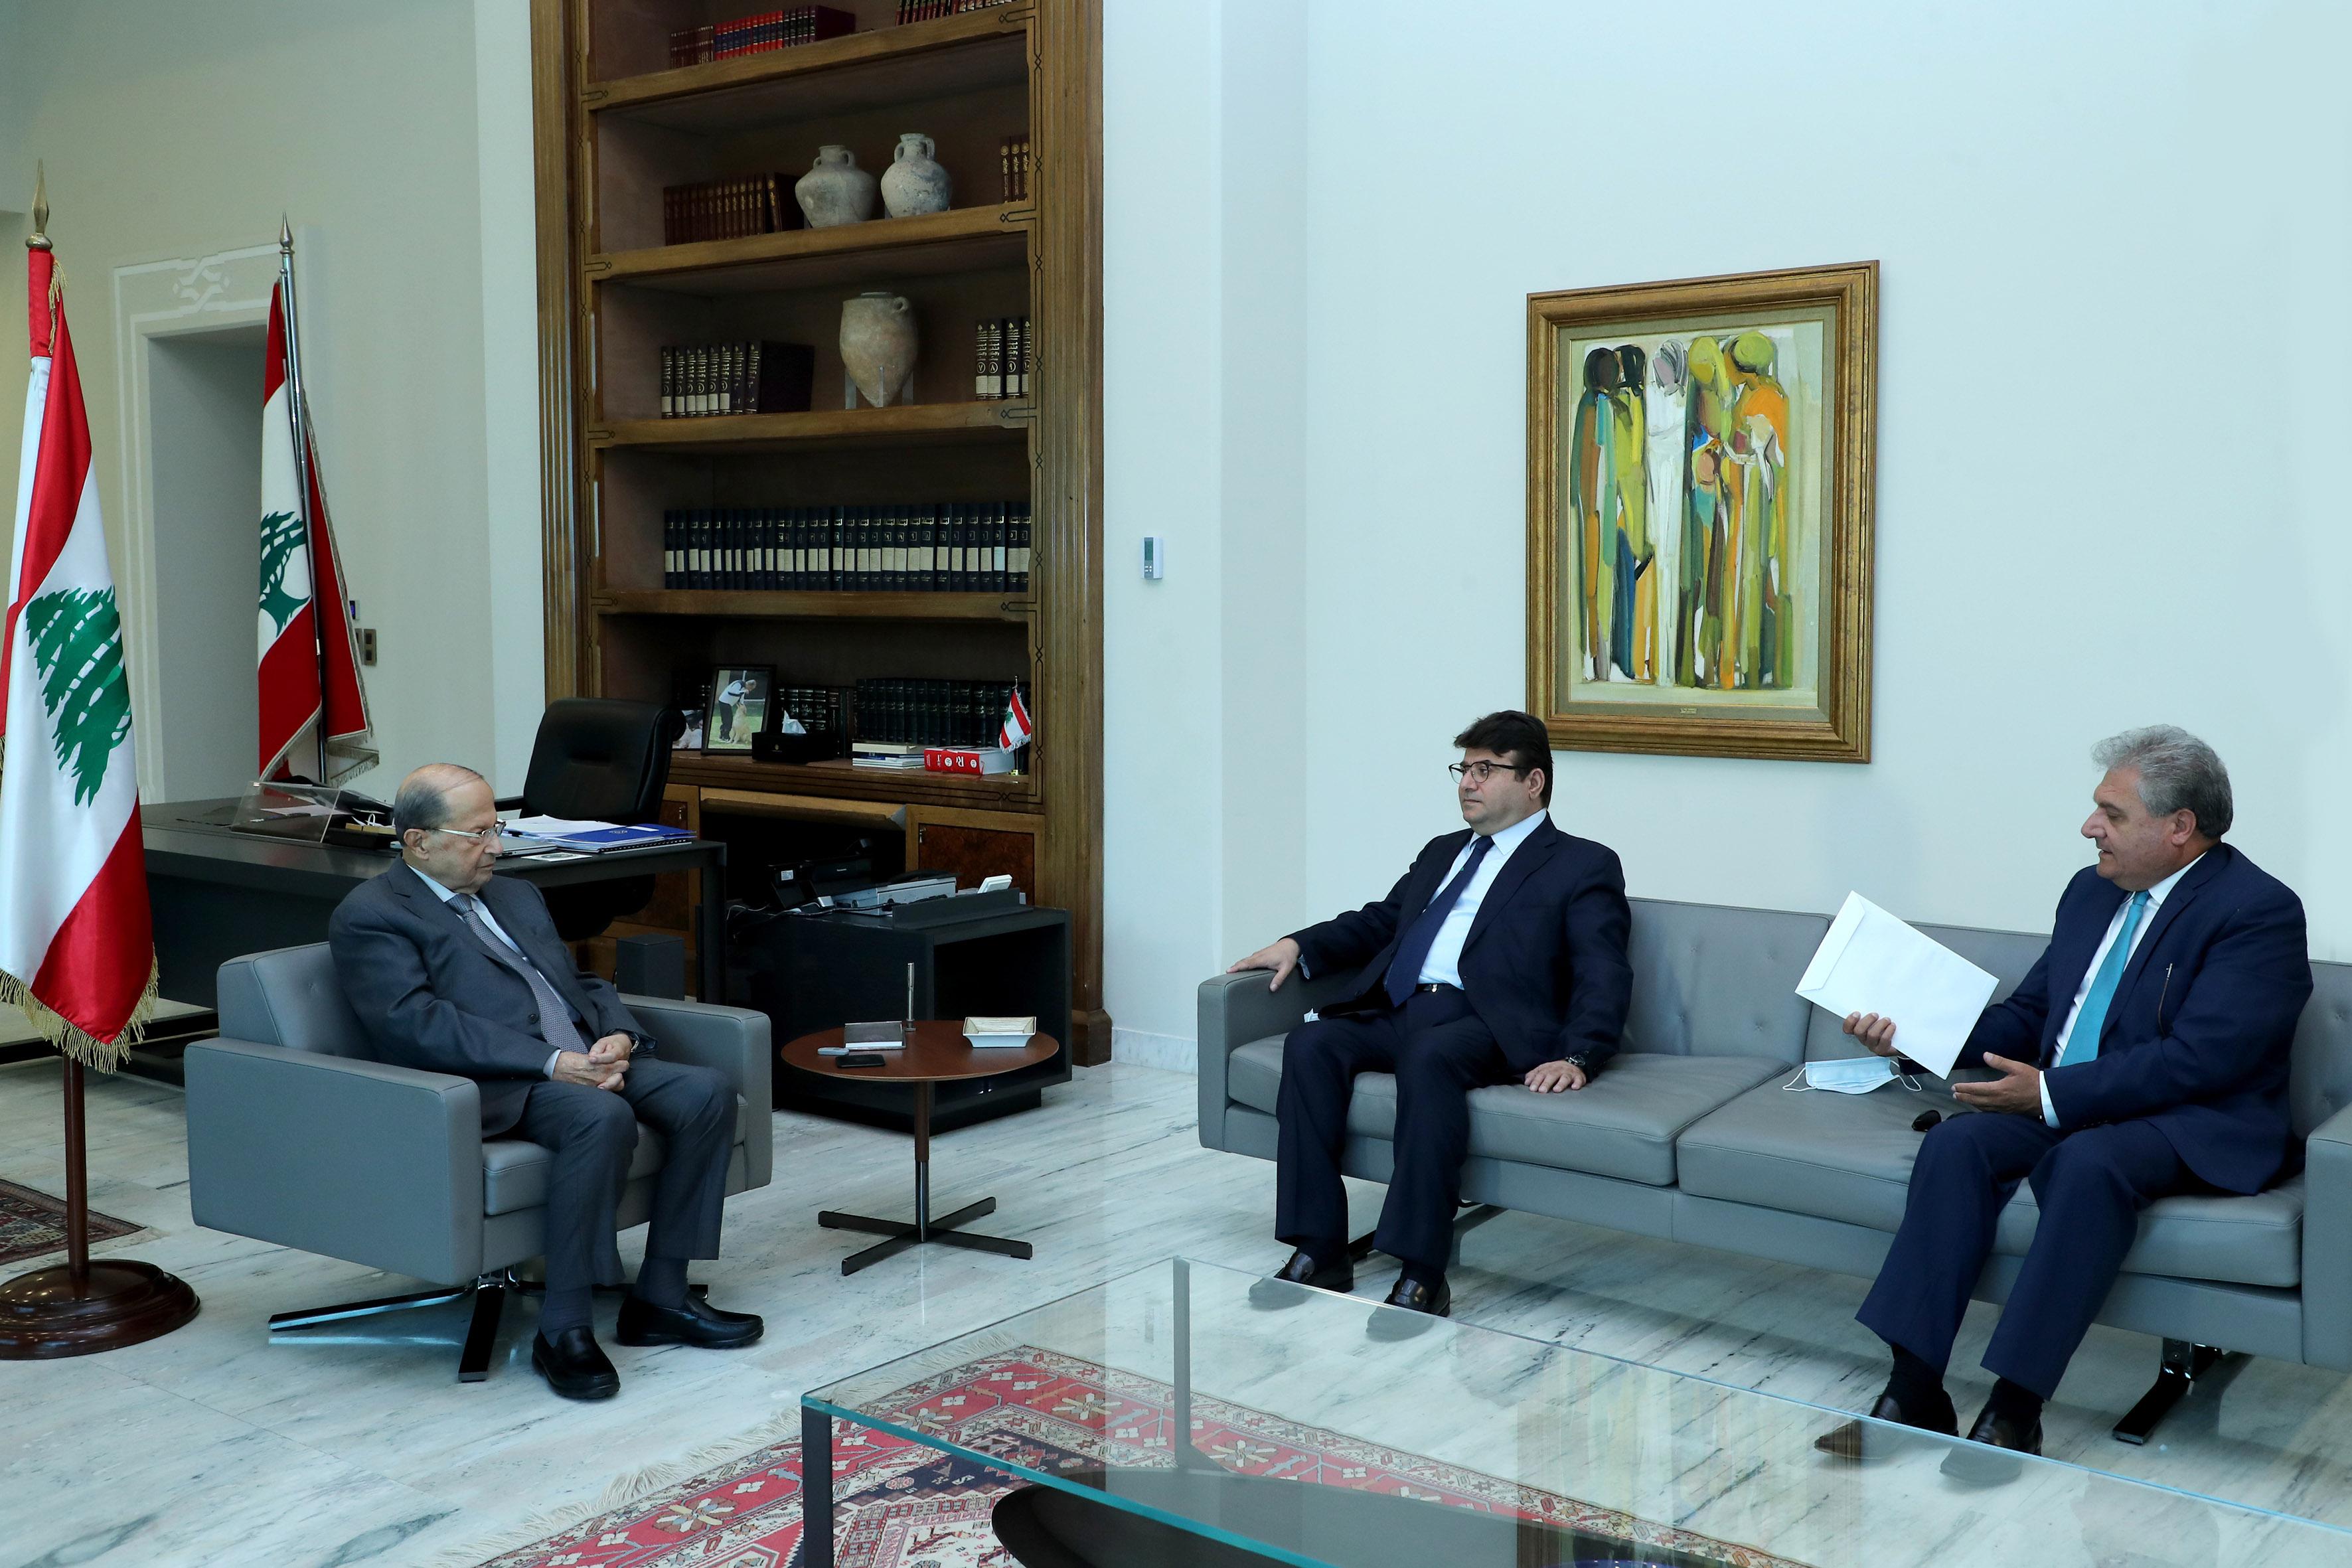 2 - Lawyer Paul Kenaan & Mr. George Arab